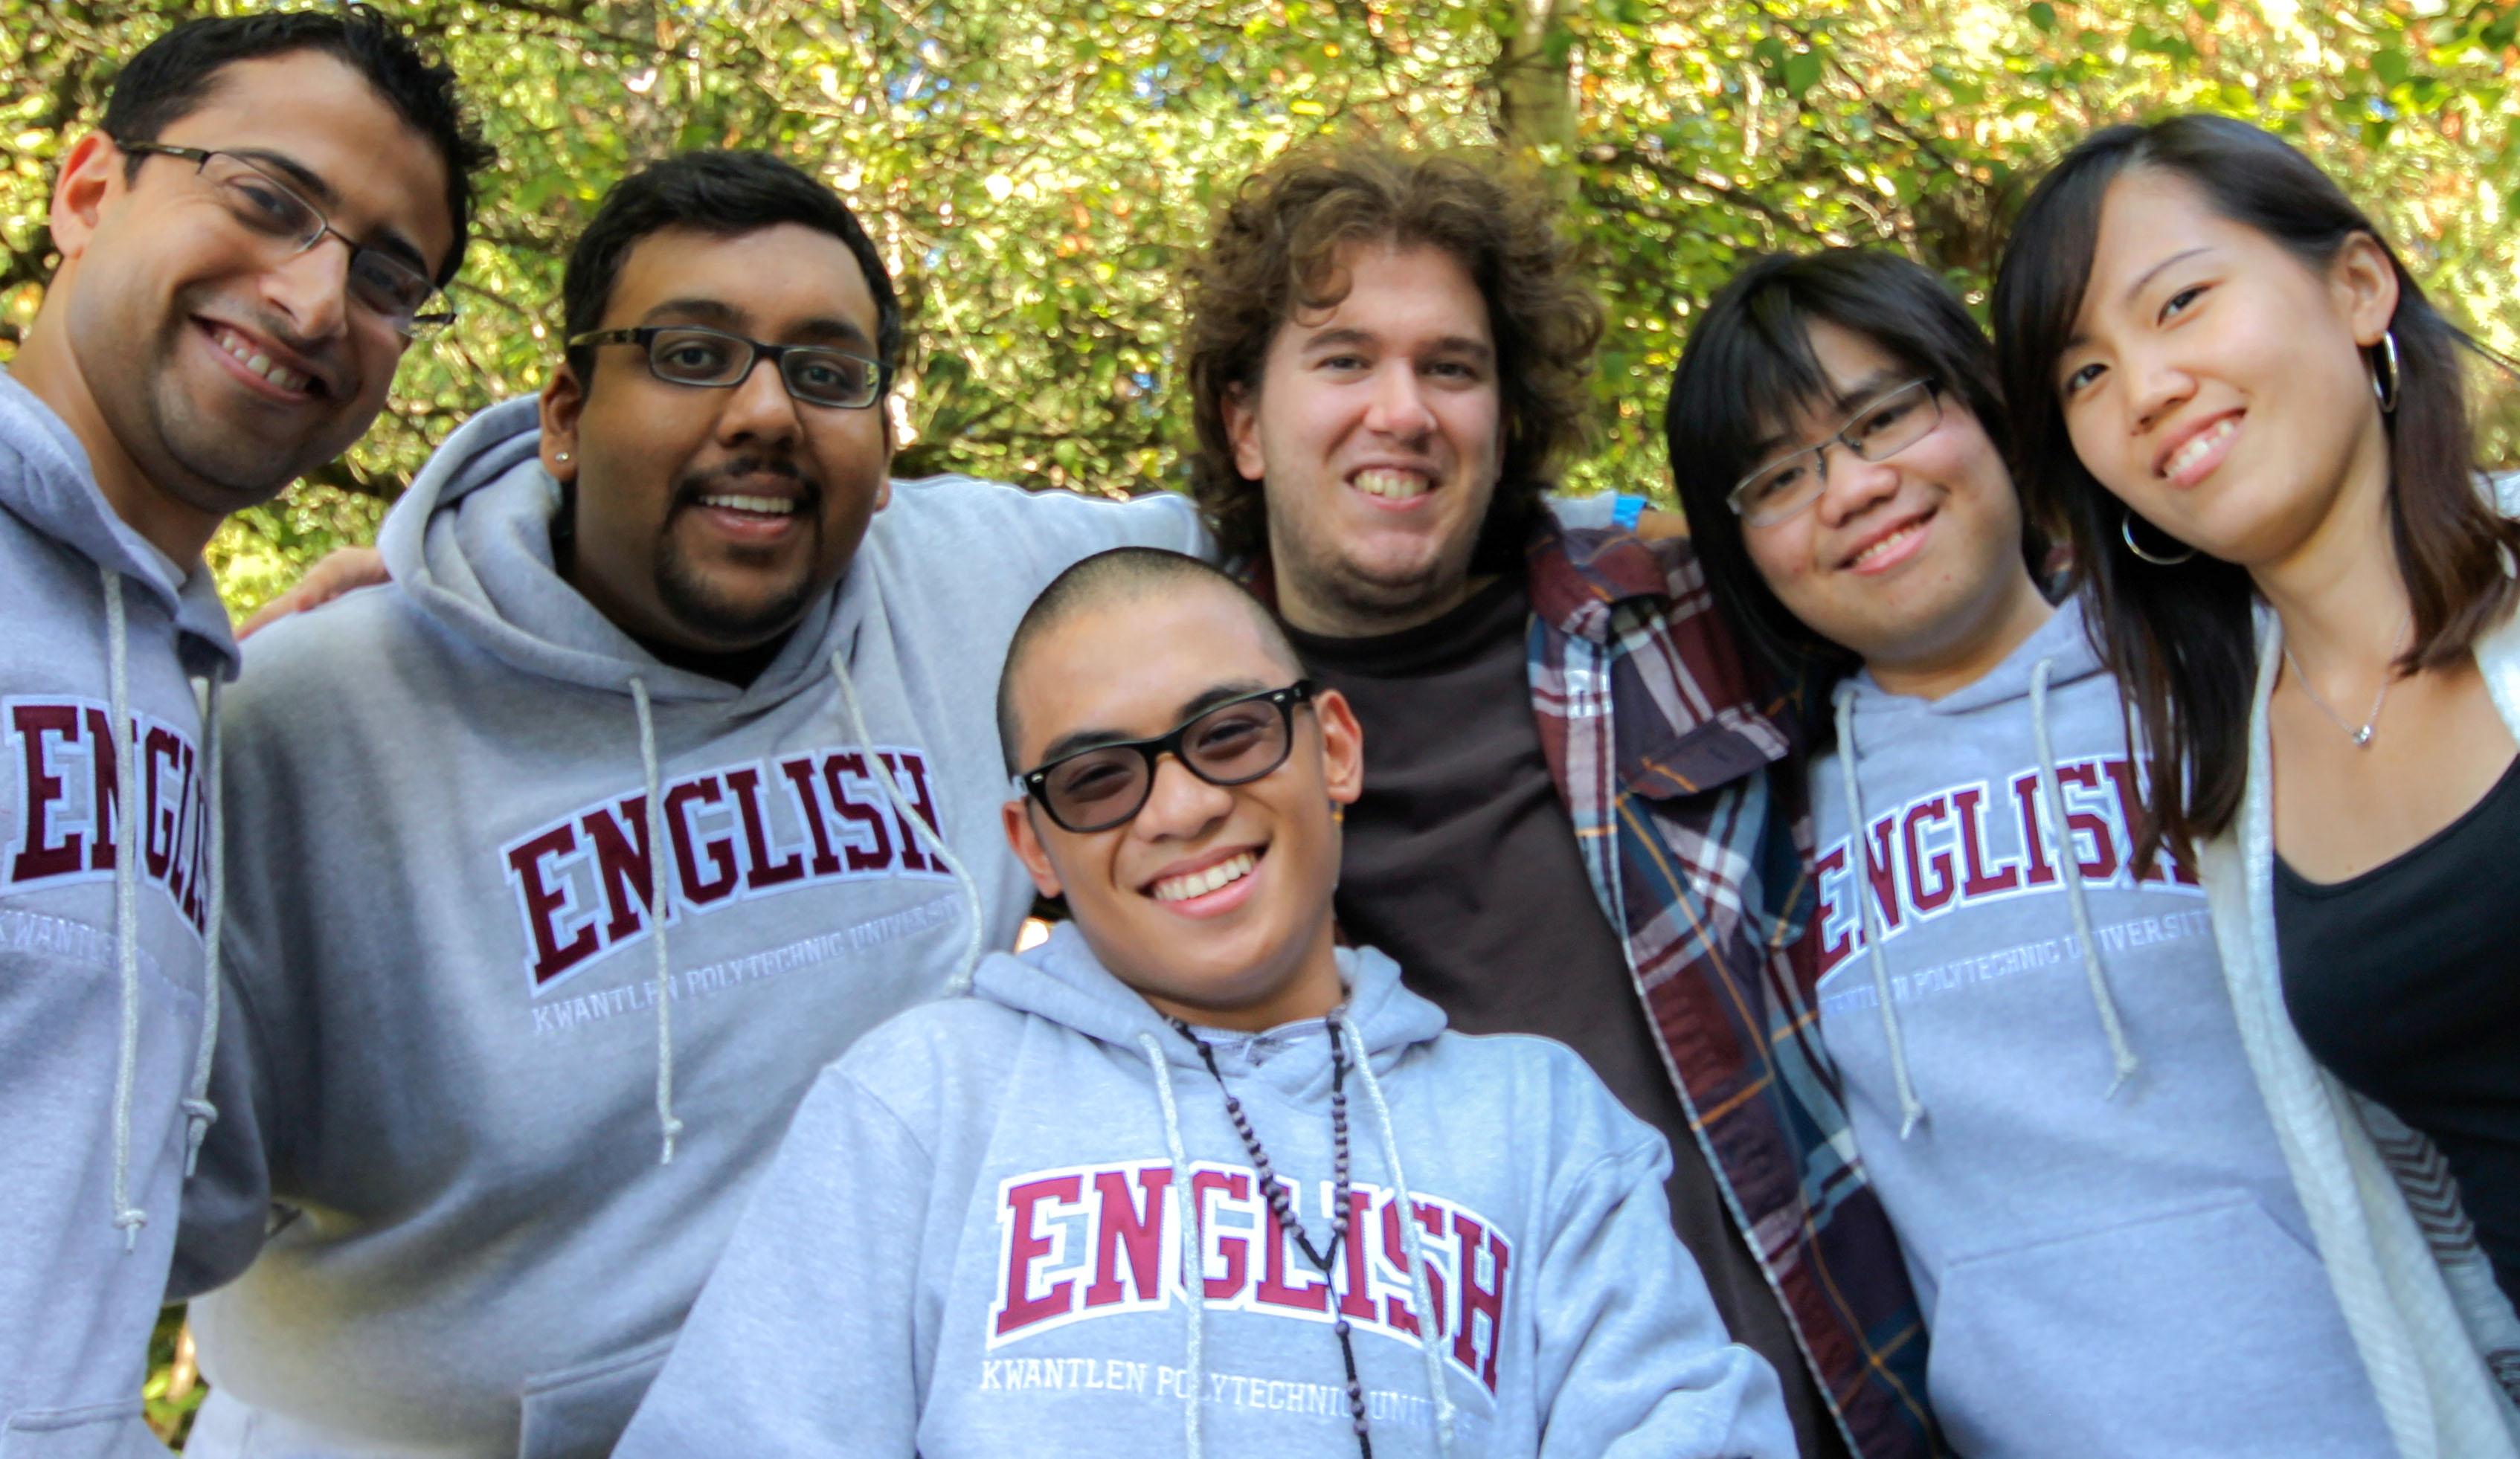 KPU English Students